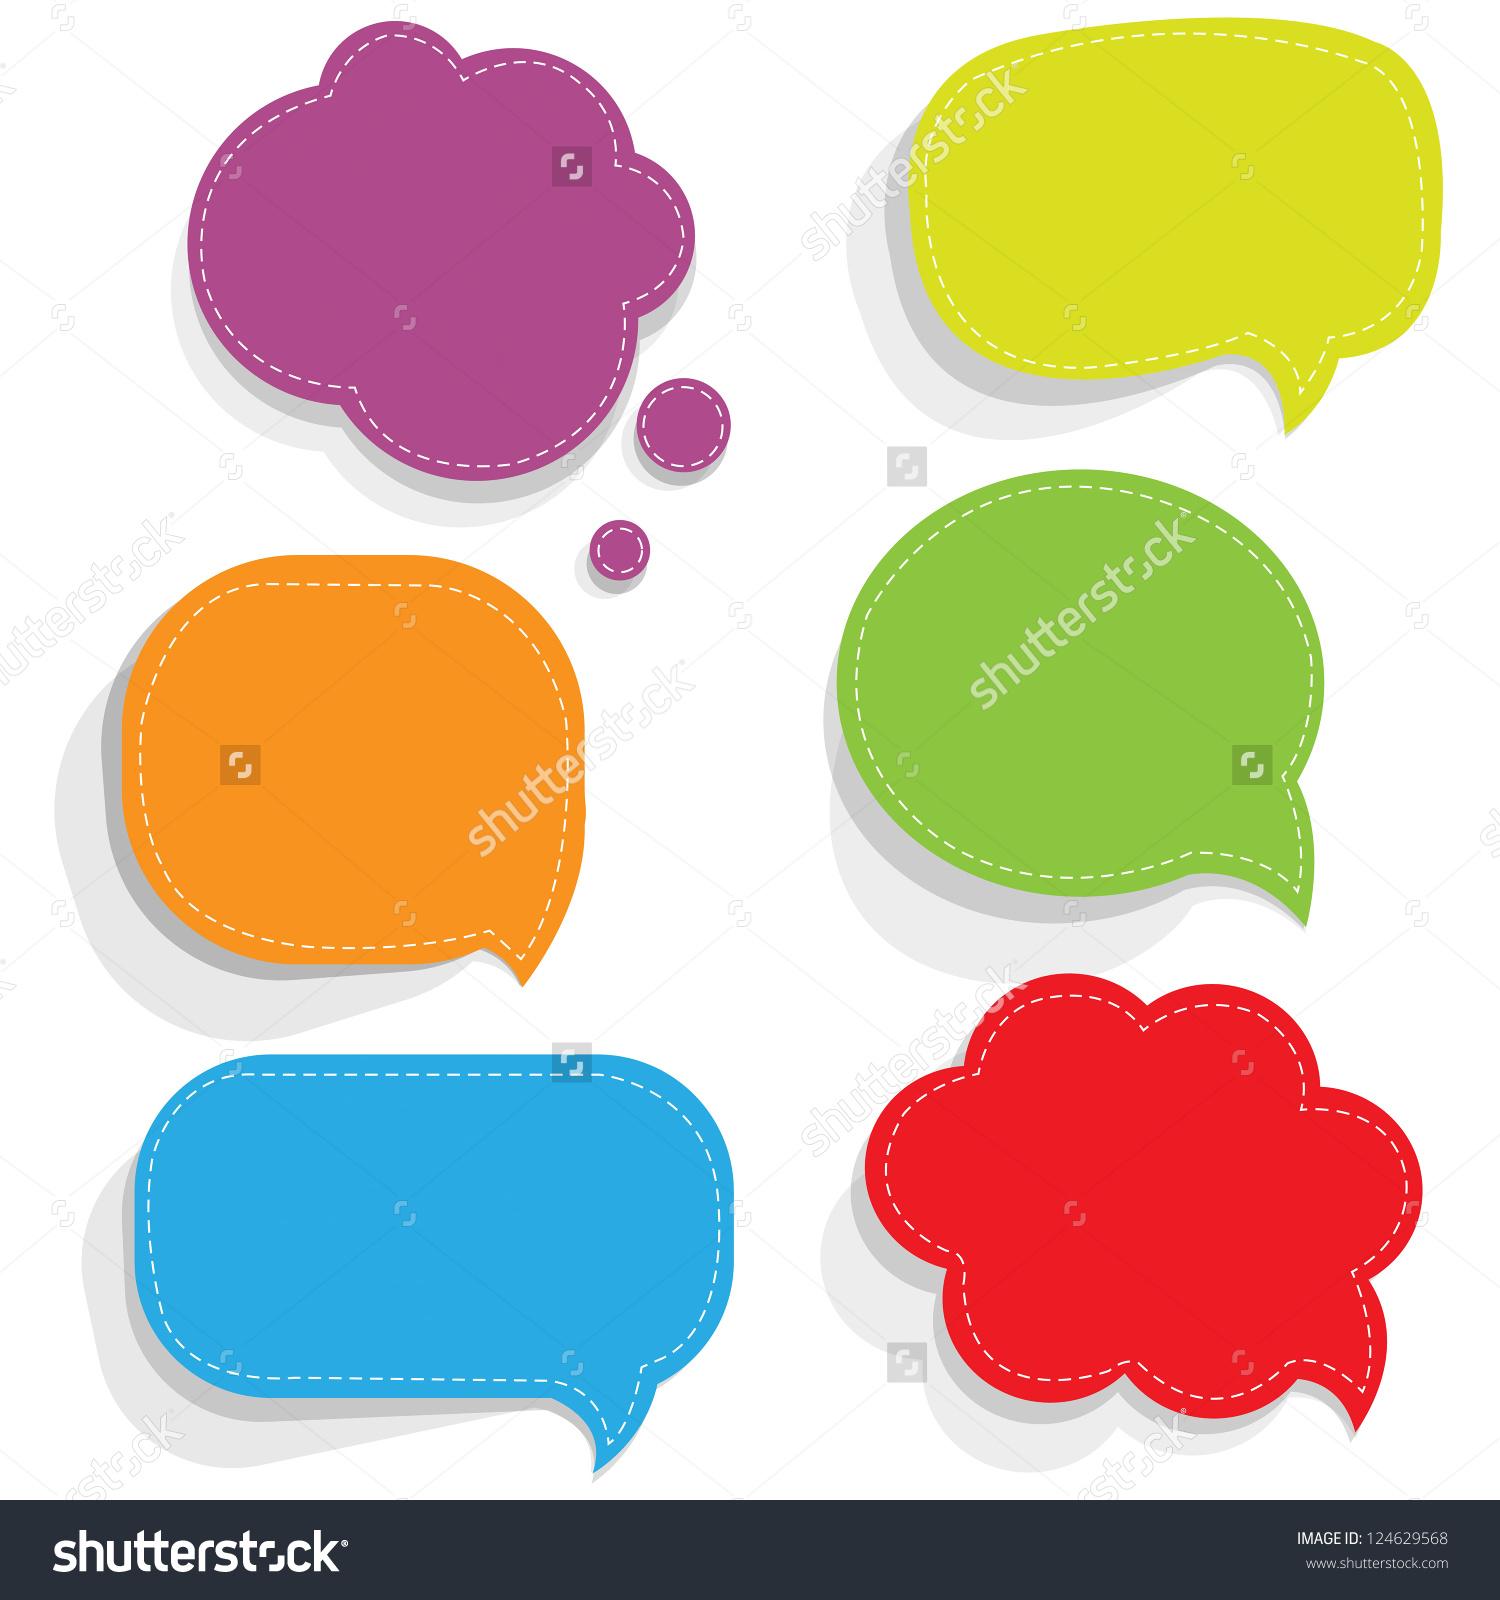 Color Paper Speech Bubbles Gradient Mesh Stock Vector 124629568.